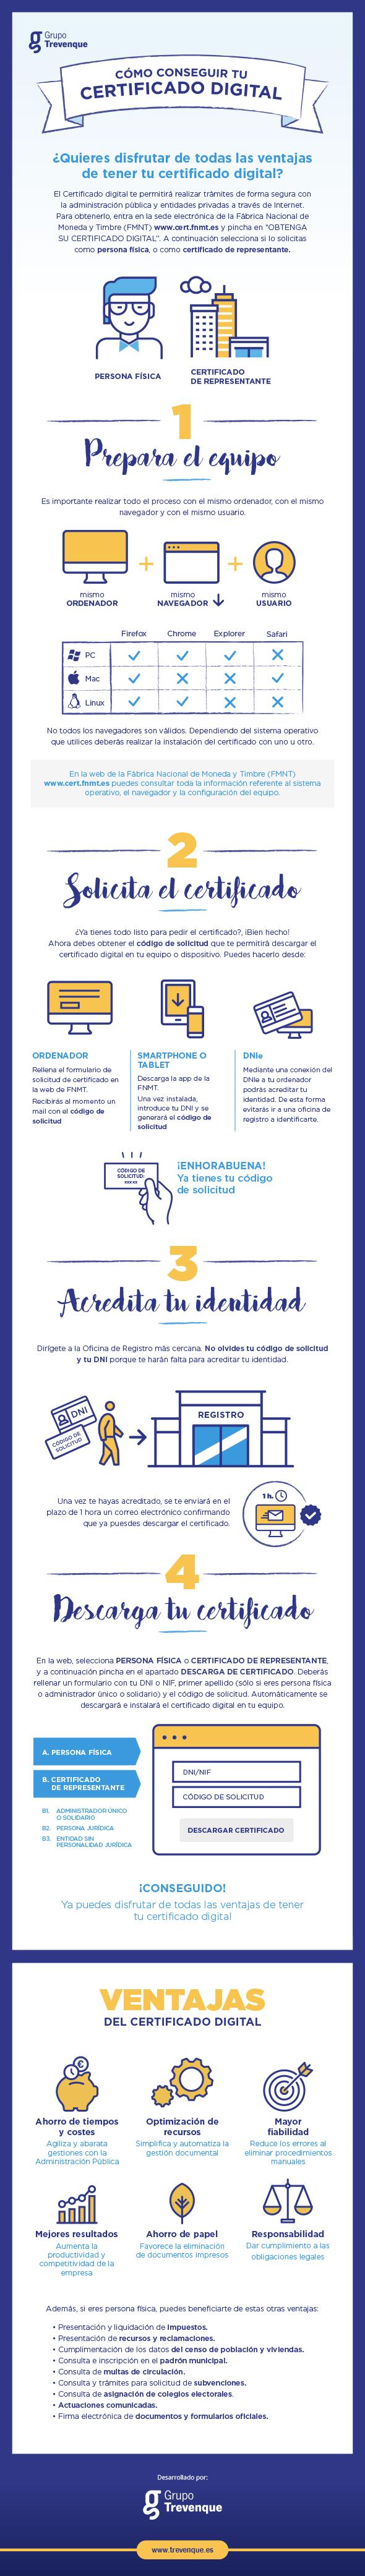 Infografia Certificado Digital